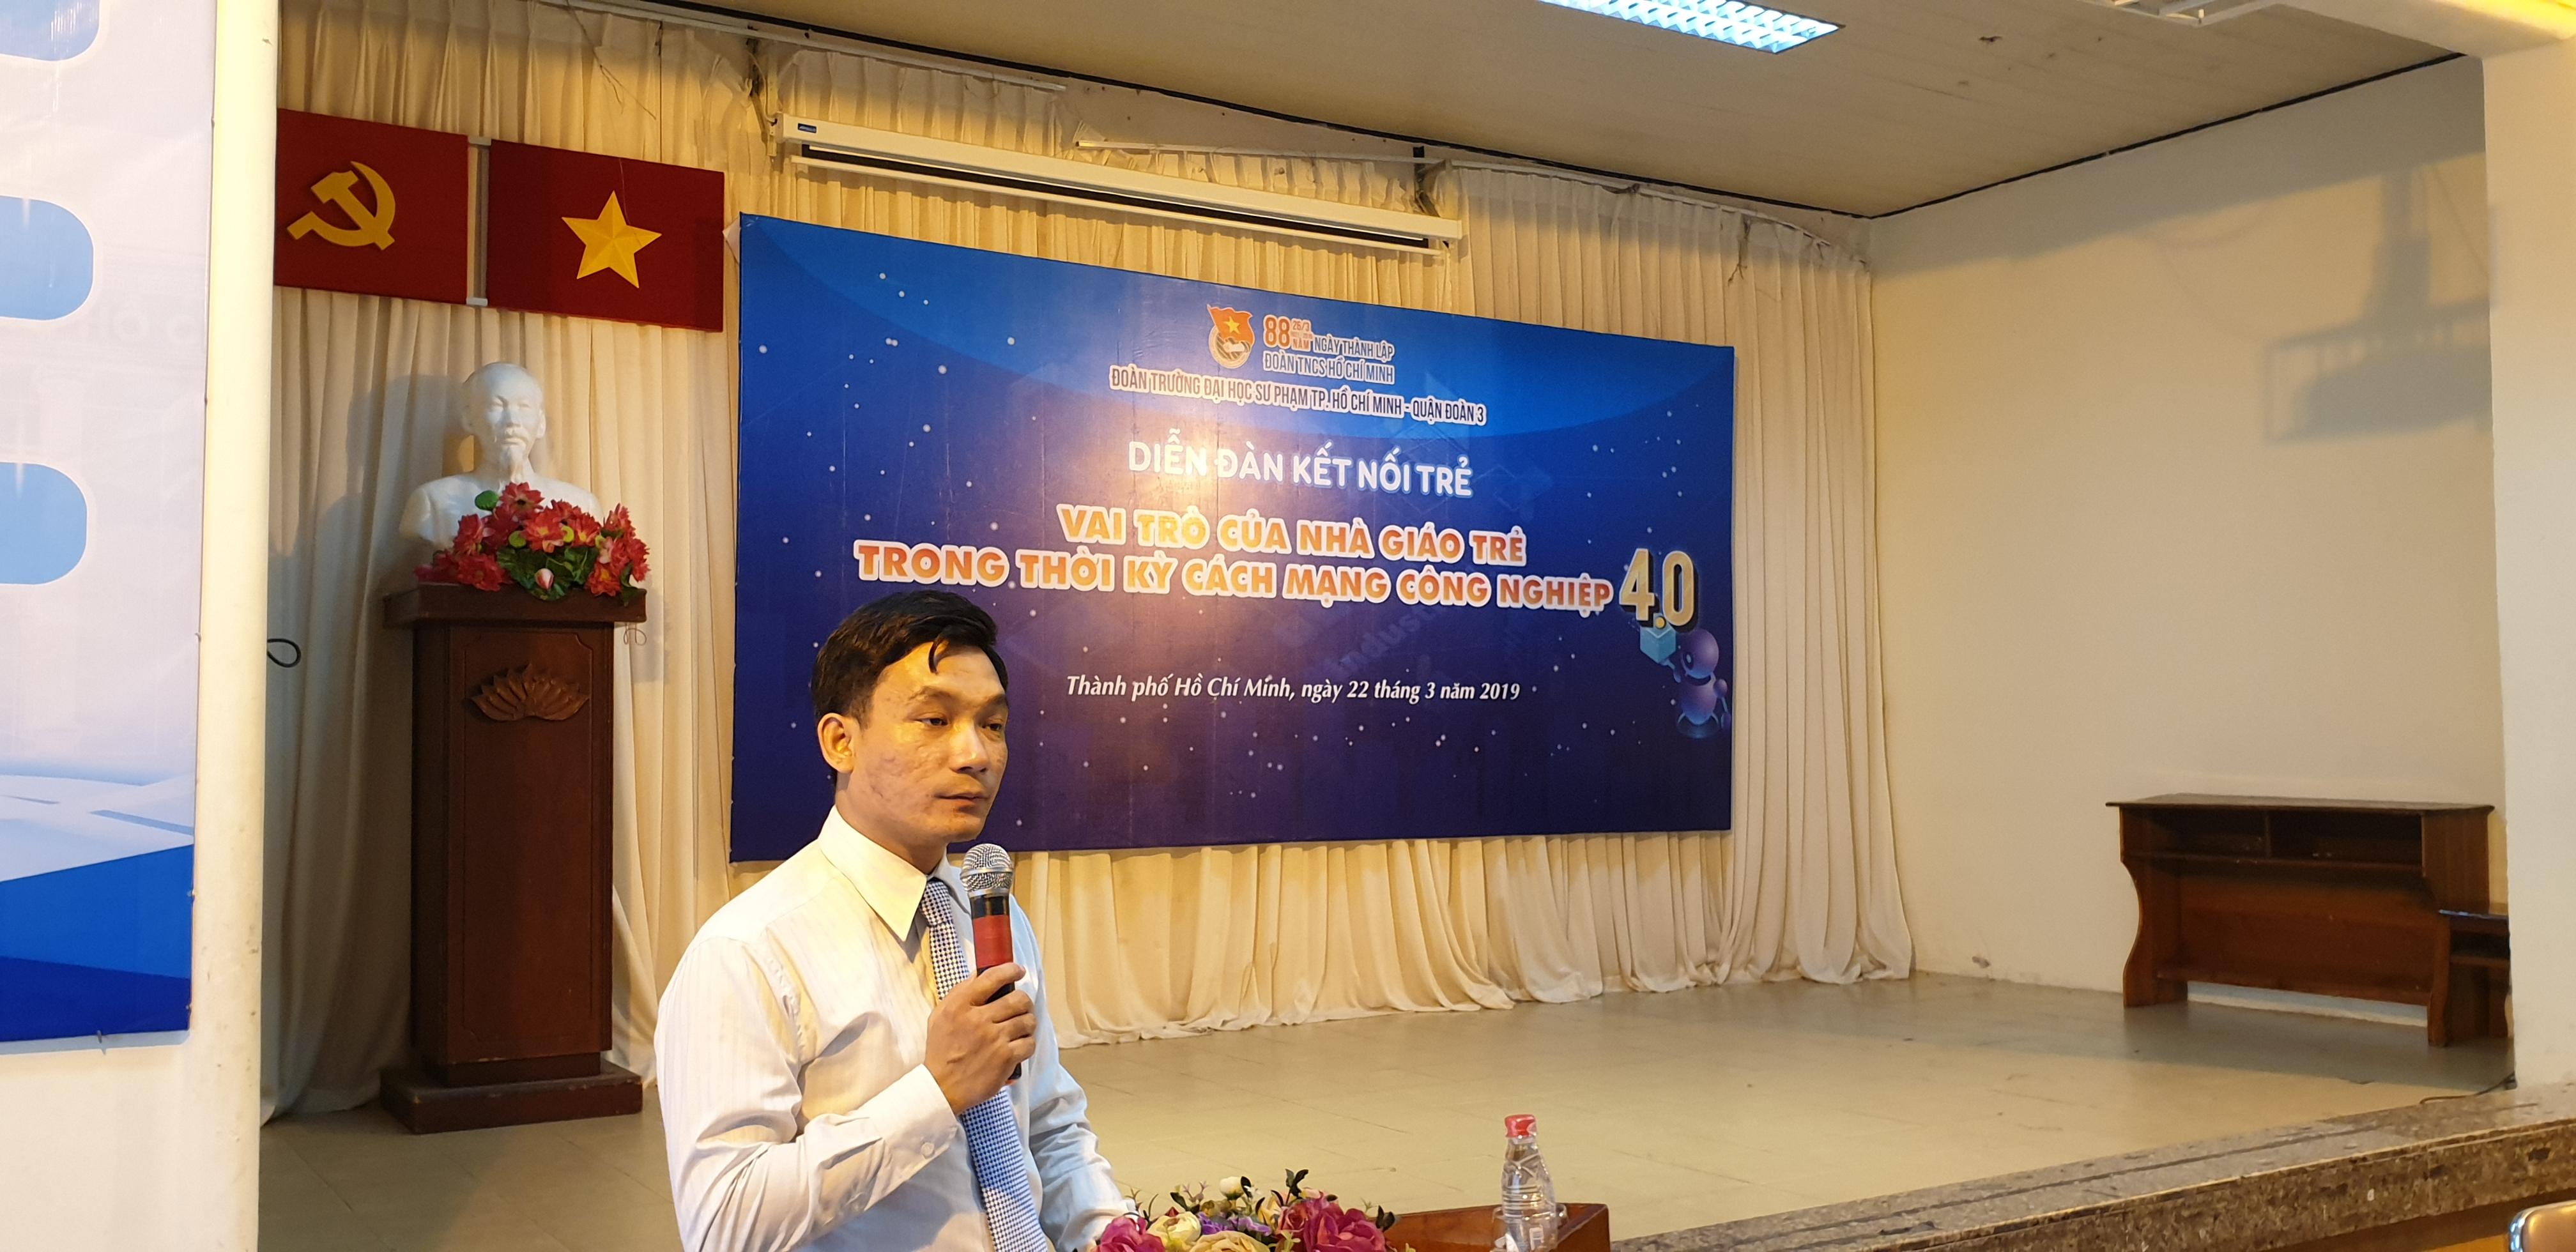 Đồng chí Huỳnh Phẩm Dũng Phát - Phó Bí thư Đoàn Trường phát biểu định hướng tại diễn đàn